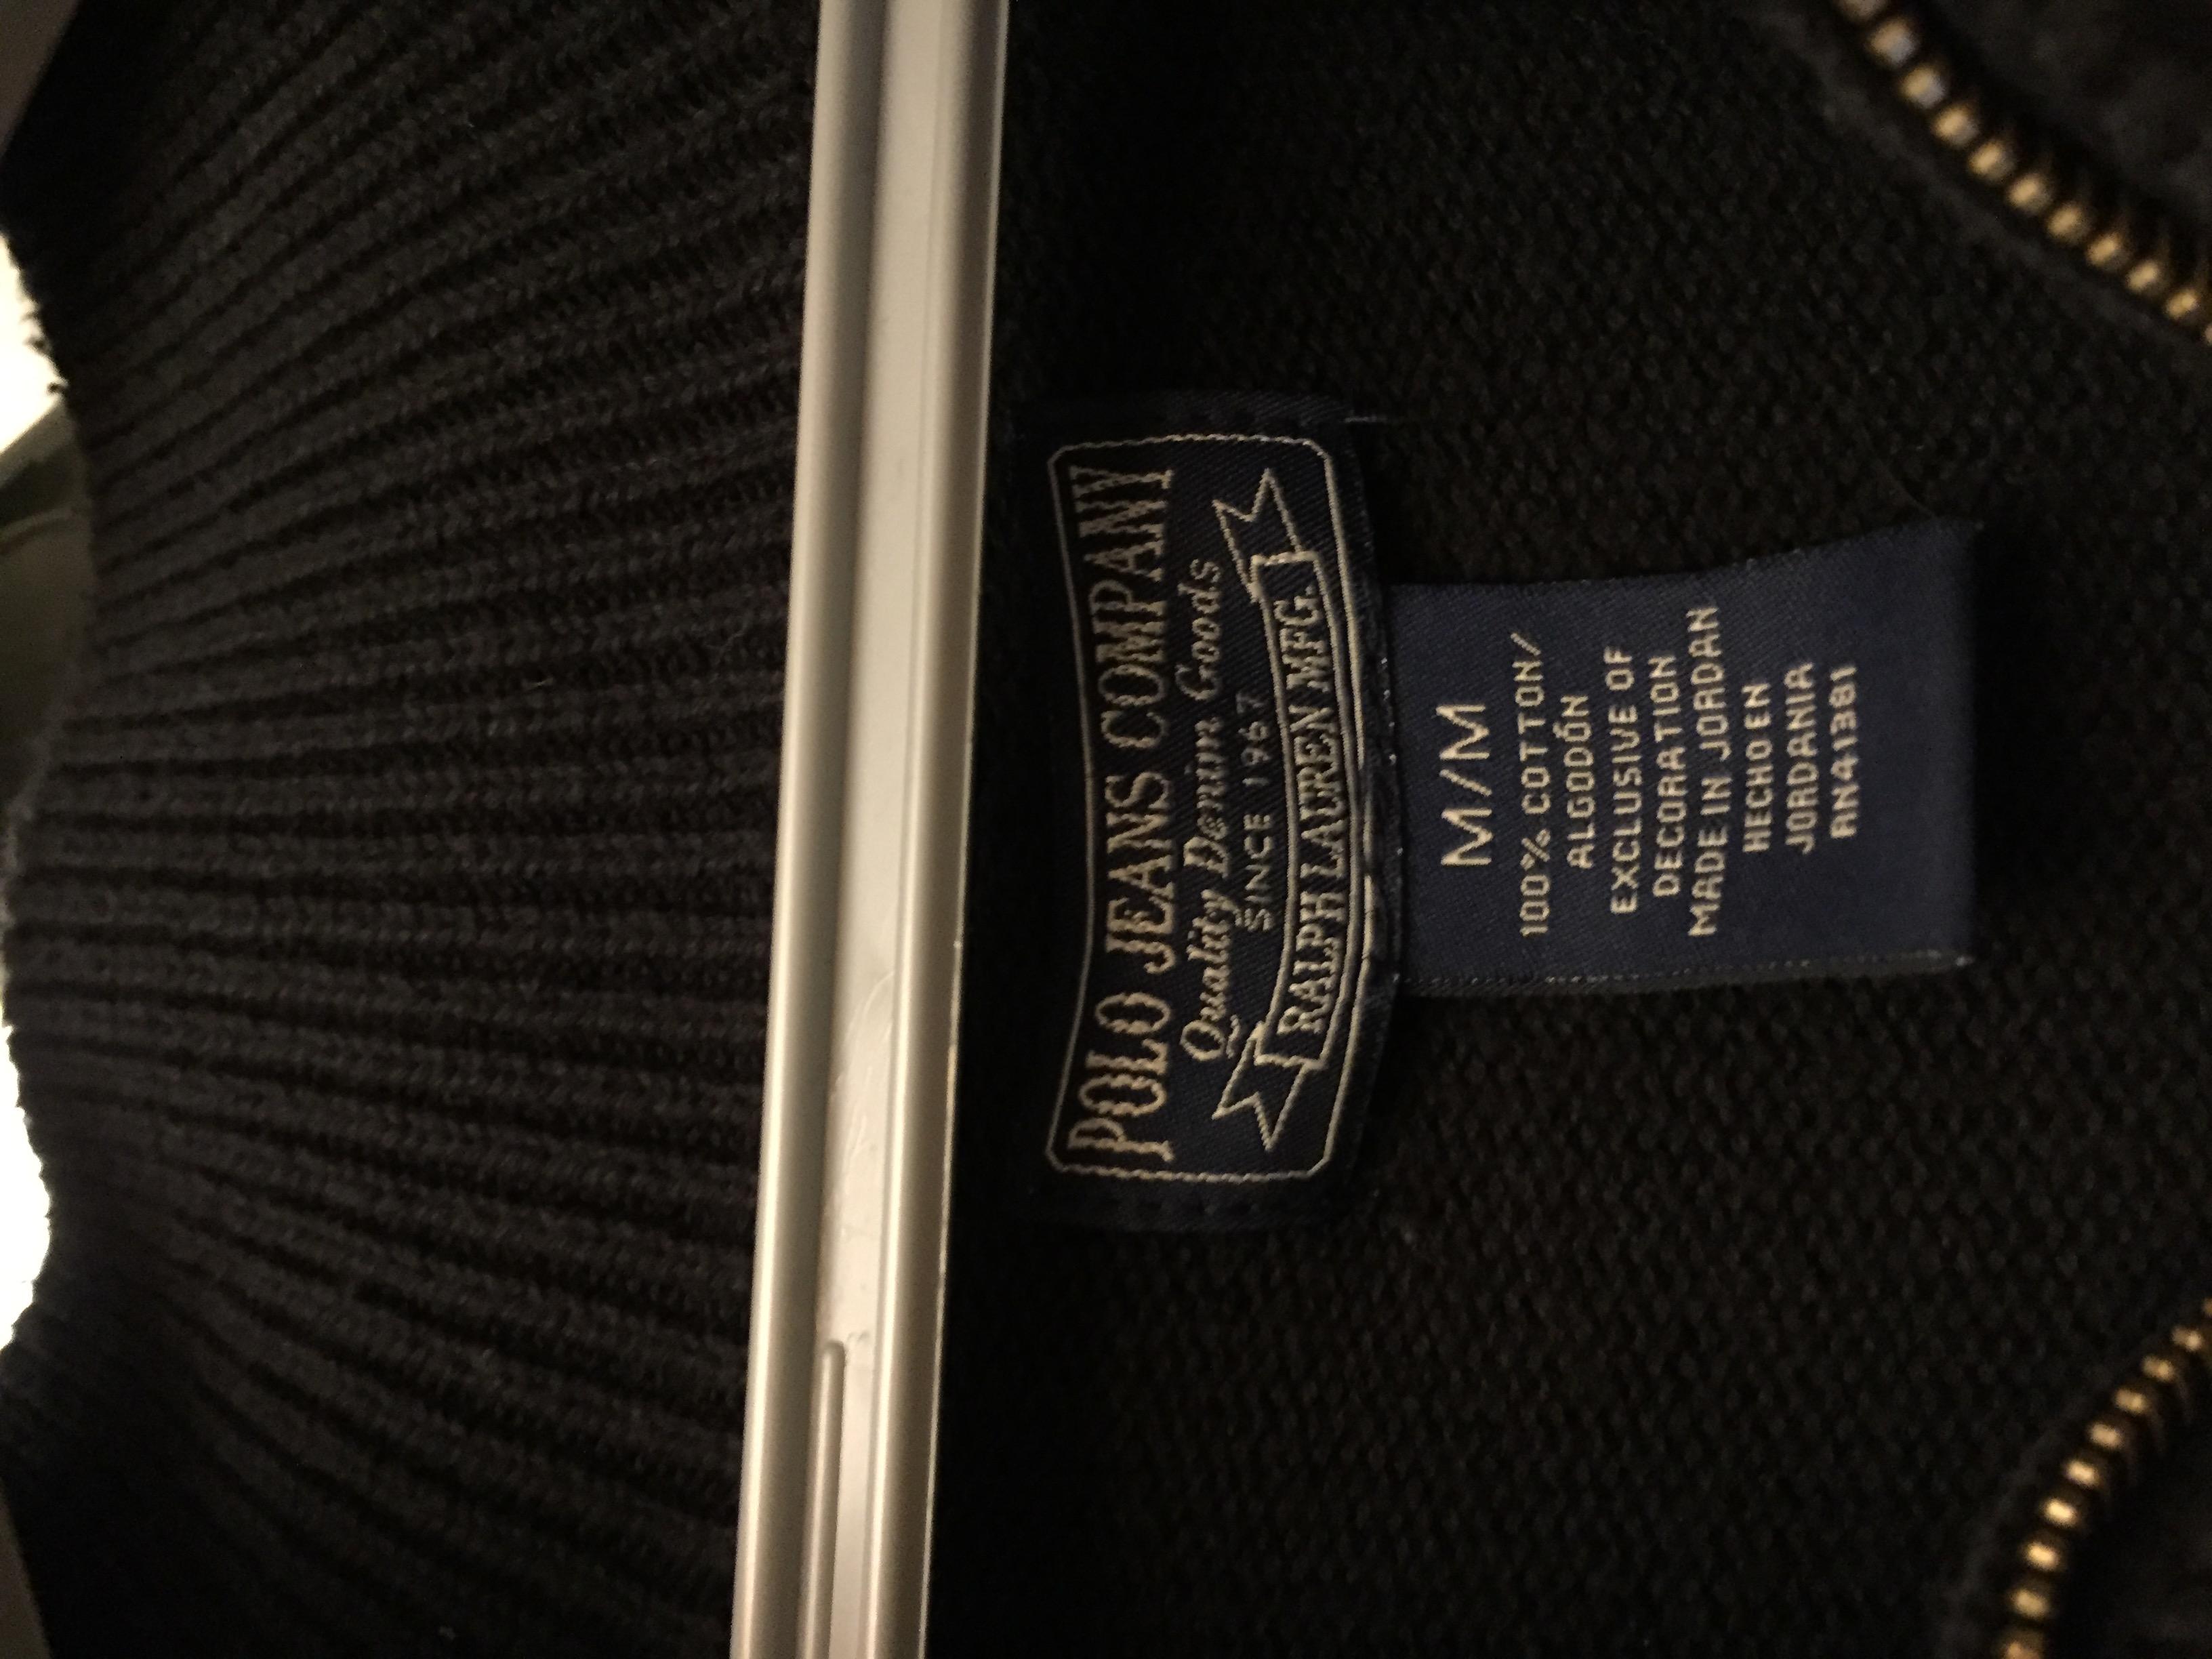 Bonsoir, Ce Polo Ralph Lauren vous intéresse Bonne soirée Meilleurs vœux de Fin d'Année-Pull Ralph Lauren-IMG_1276